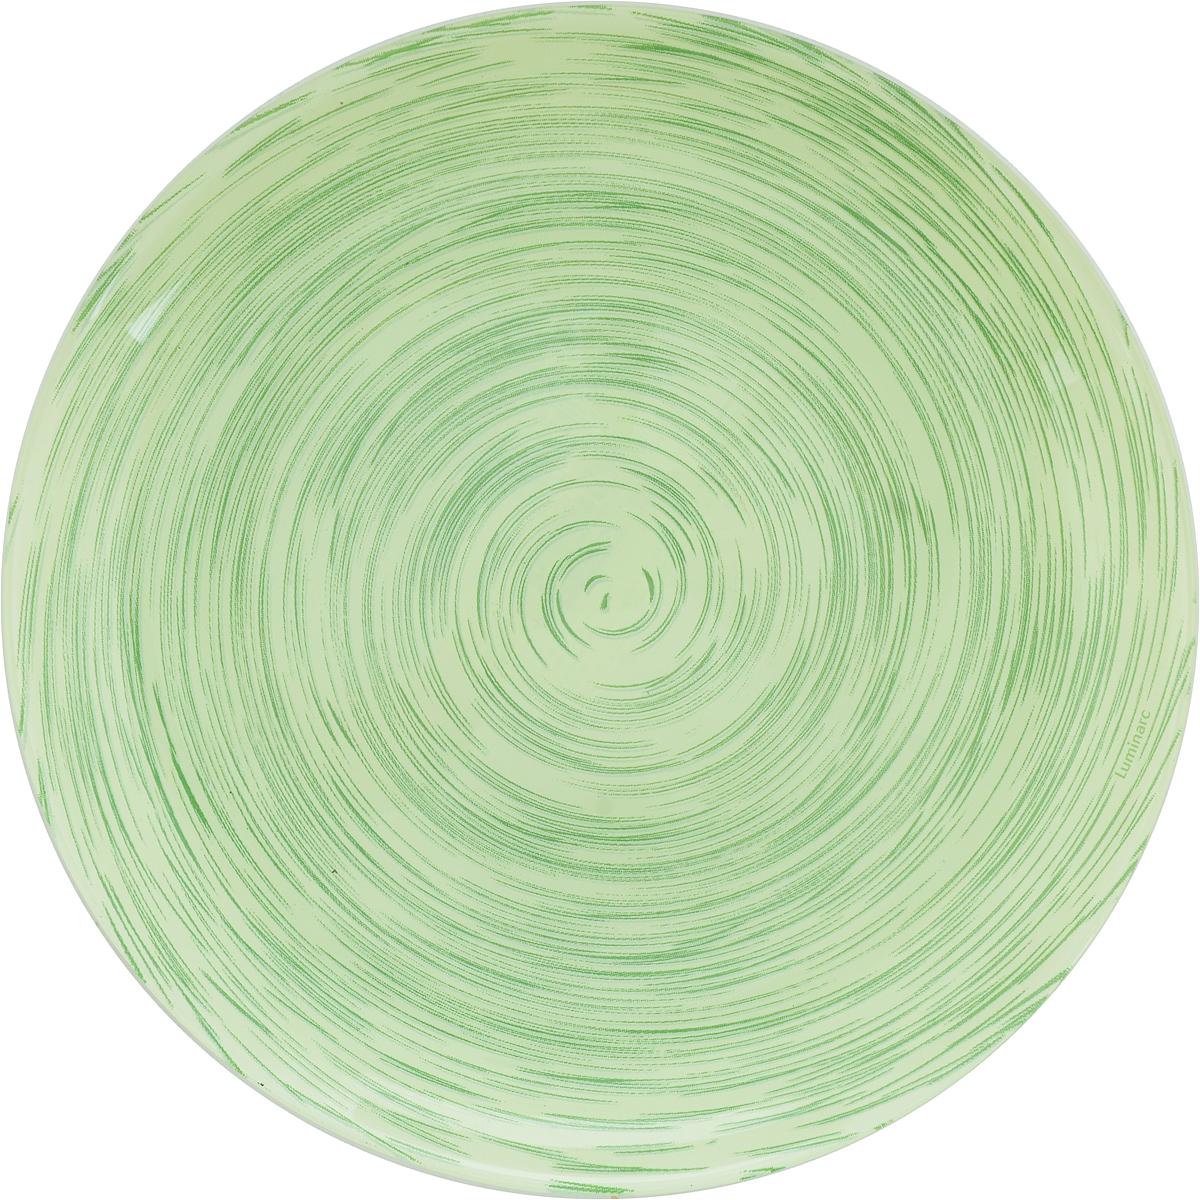 Тарелка десертная Luminarc Stonemania Pistache, диаметр 20 смJ2125Десертная тарелка Luminarc Stonemania Pistache, изготовленная из высококачественного стекла, имеет изысканный внешний вид. Такая тарелка прекрасно подходит как для торжественных случаев, так и для повседневного использования. Идеальна для подачи десертов, пирожных, тортов и многого другого. Она прекрасно оформит стол и станет отличным дополнением к вашей коллекции кухонной посуды. Диаметр тарелки: 20 см. Высота тарелки: 1,5 см.